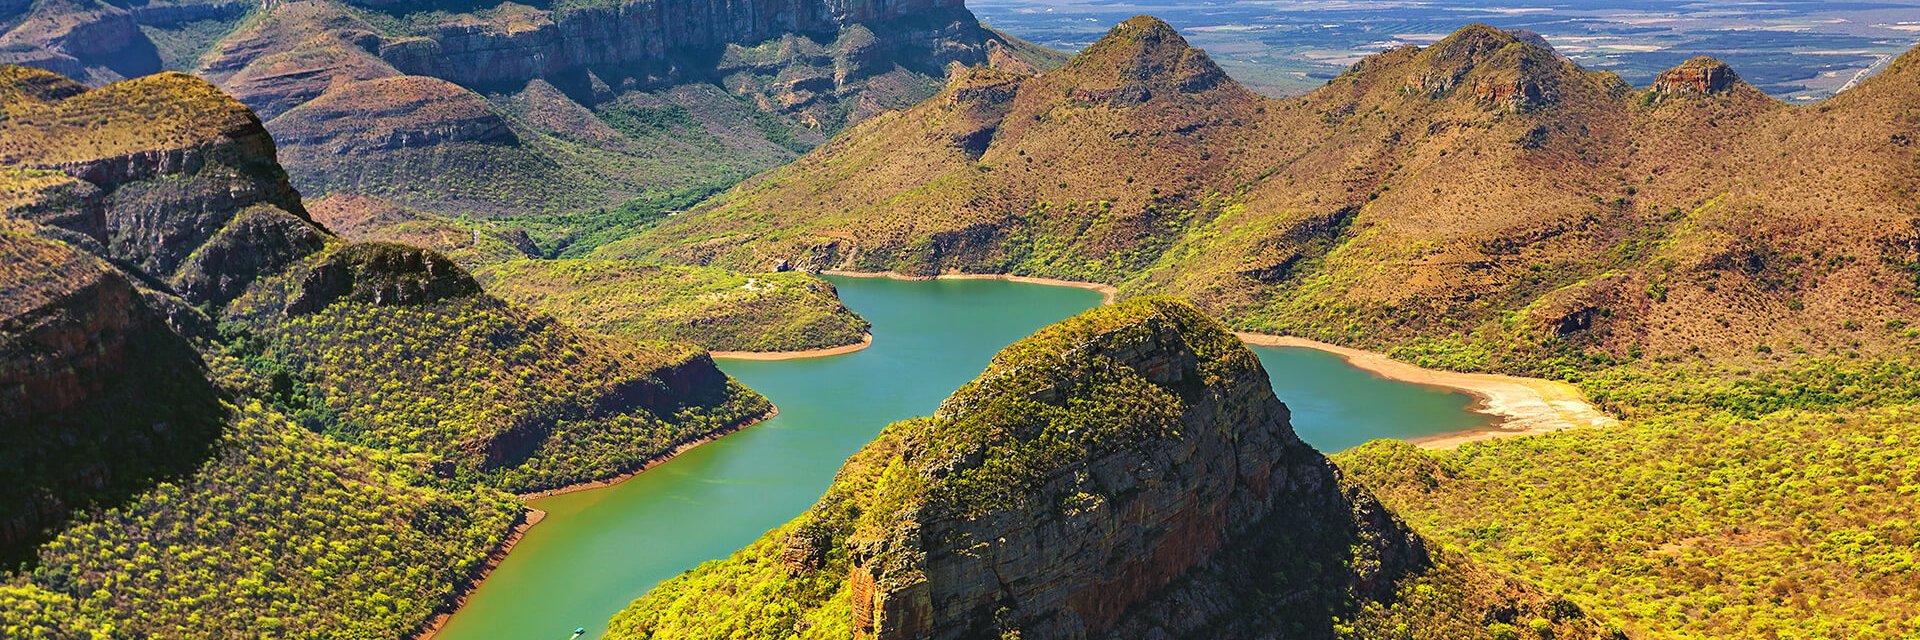 Le meilleur de l'Afrique du Sud